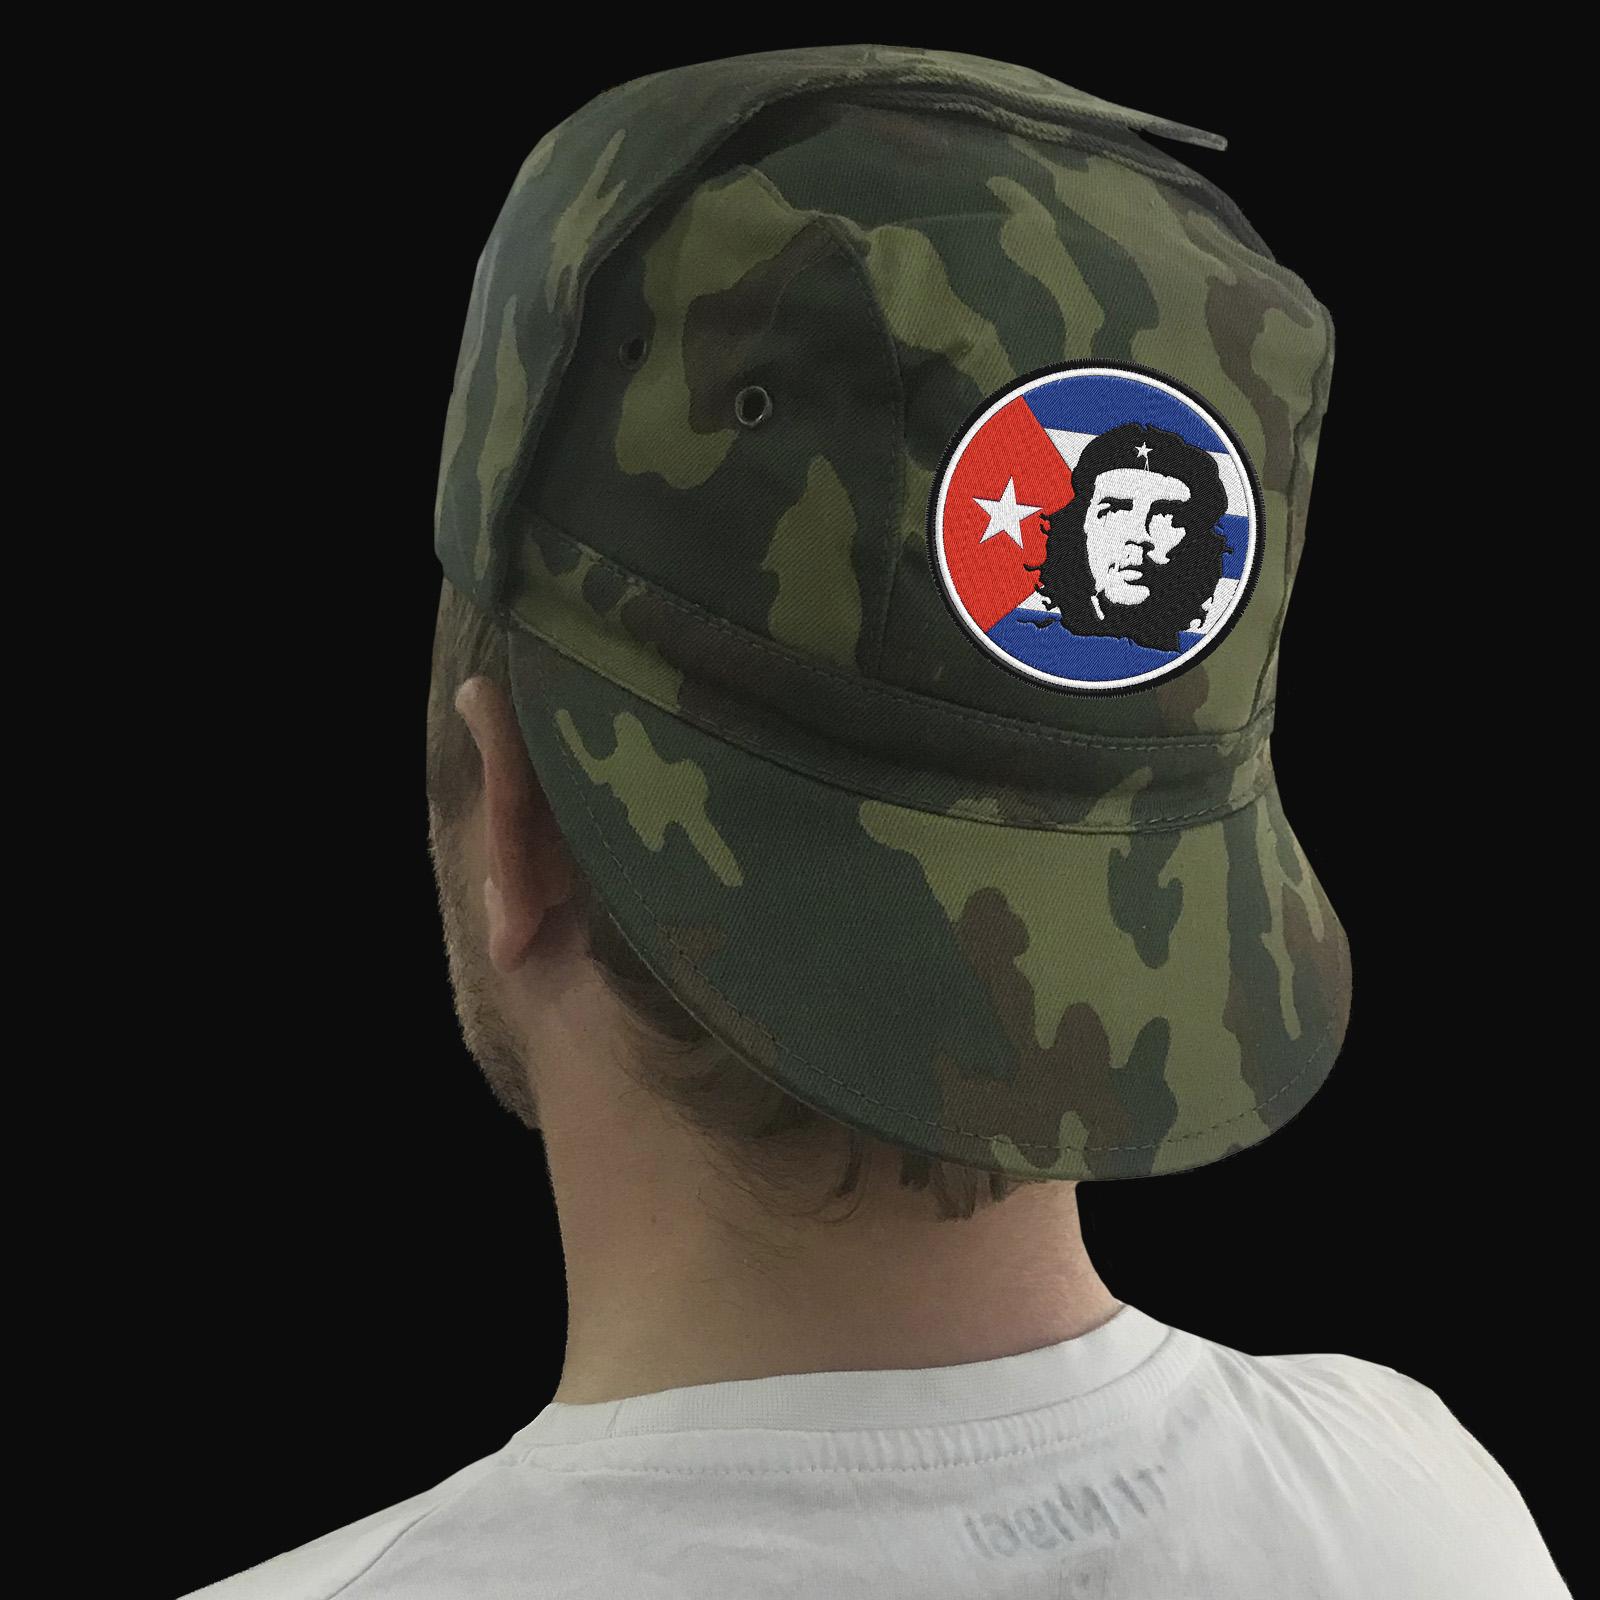 Купить в интернет магазине мужскую кепку Че Гевара